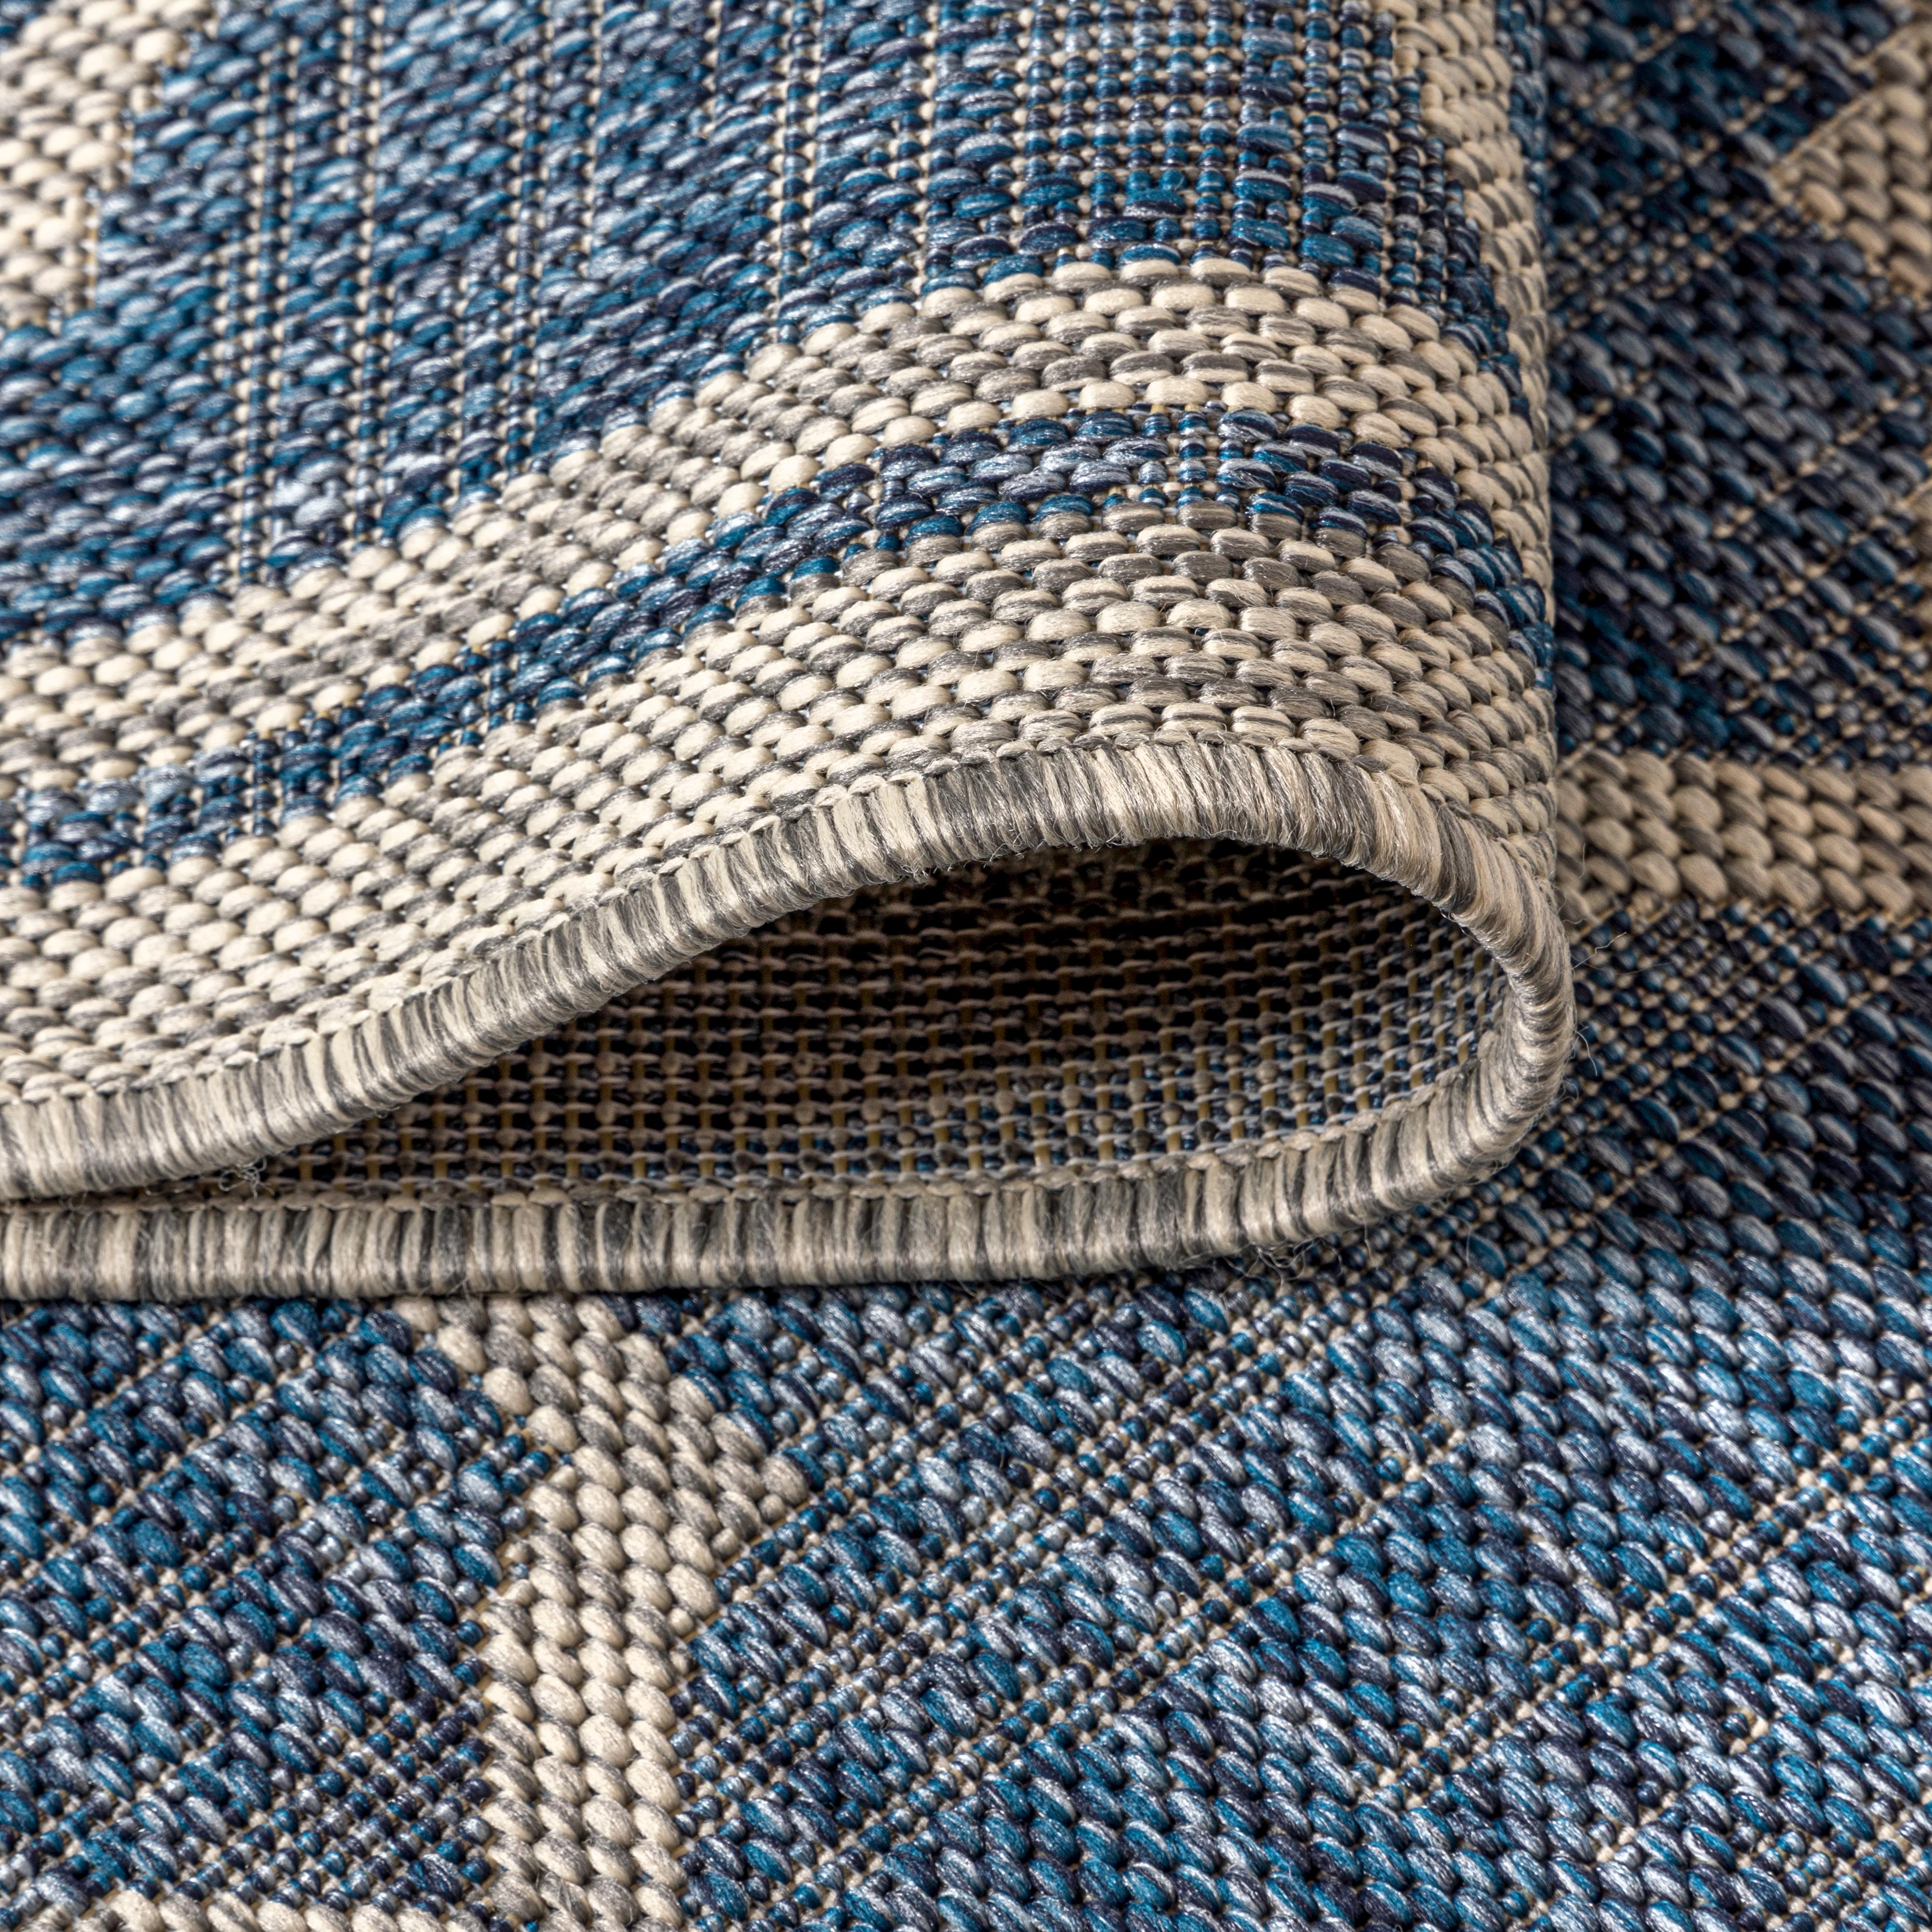 Trebol Moroccan Trellis Textured Weave Indoor/Outdoor Navy/Gray 5 ft. x 8 ft. Area Rug